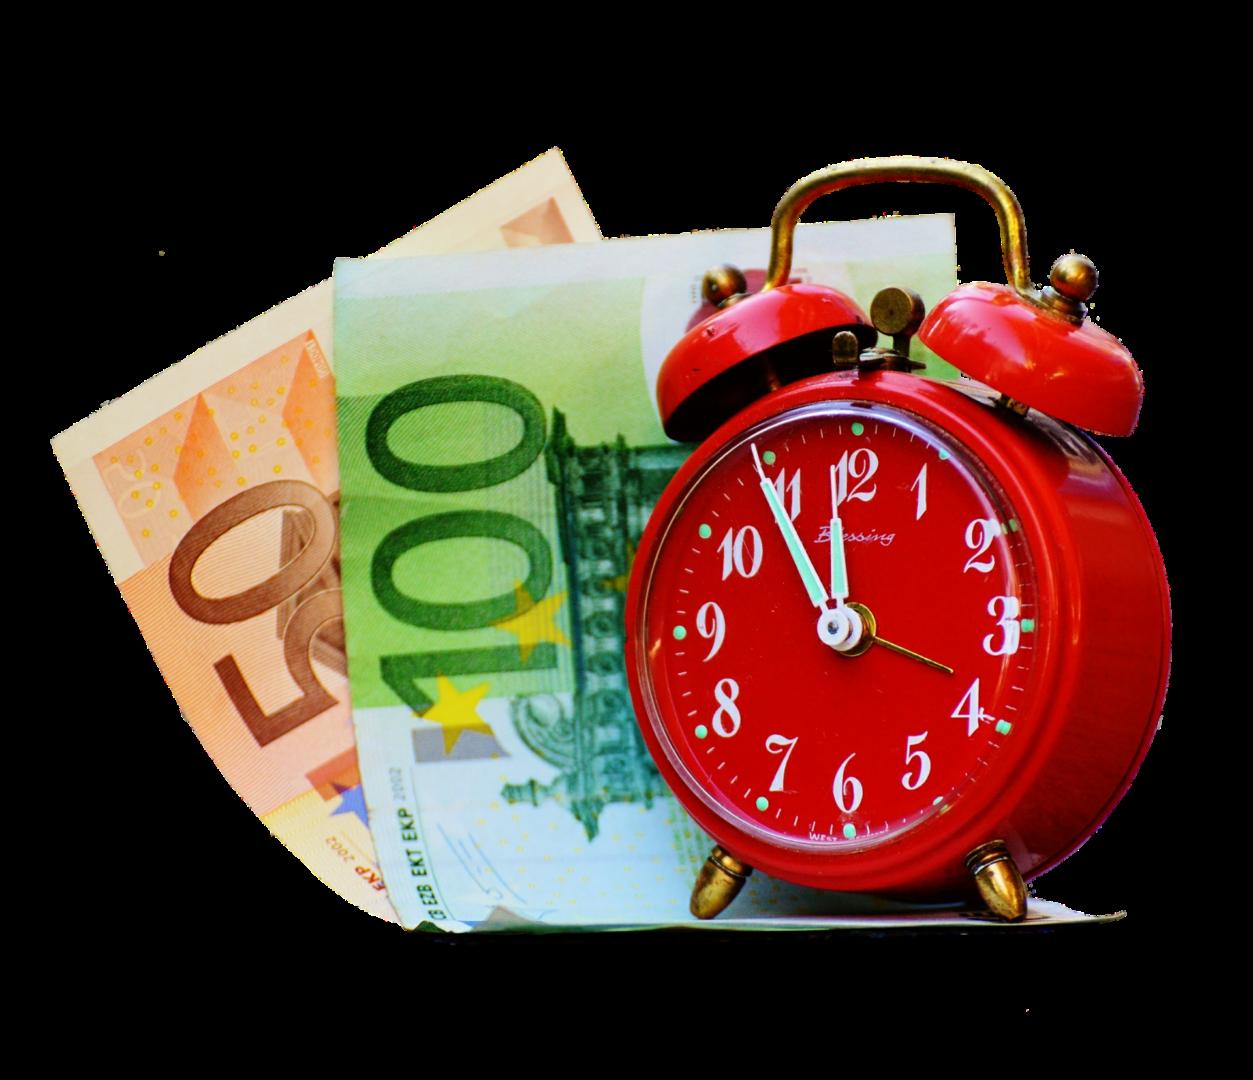 Delodajalec izjavo v elektronski obliki vloži najkasneje do konca februarja 2021. FURS bo upravičenim delodajalcem povrnil izplačan krizni dodatek najpozneje do 20. marca 2021. Vir slike: Pixabay